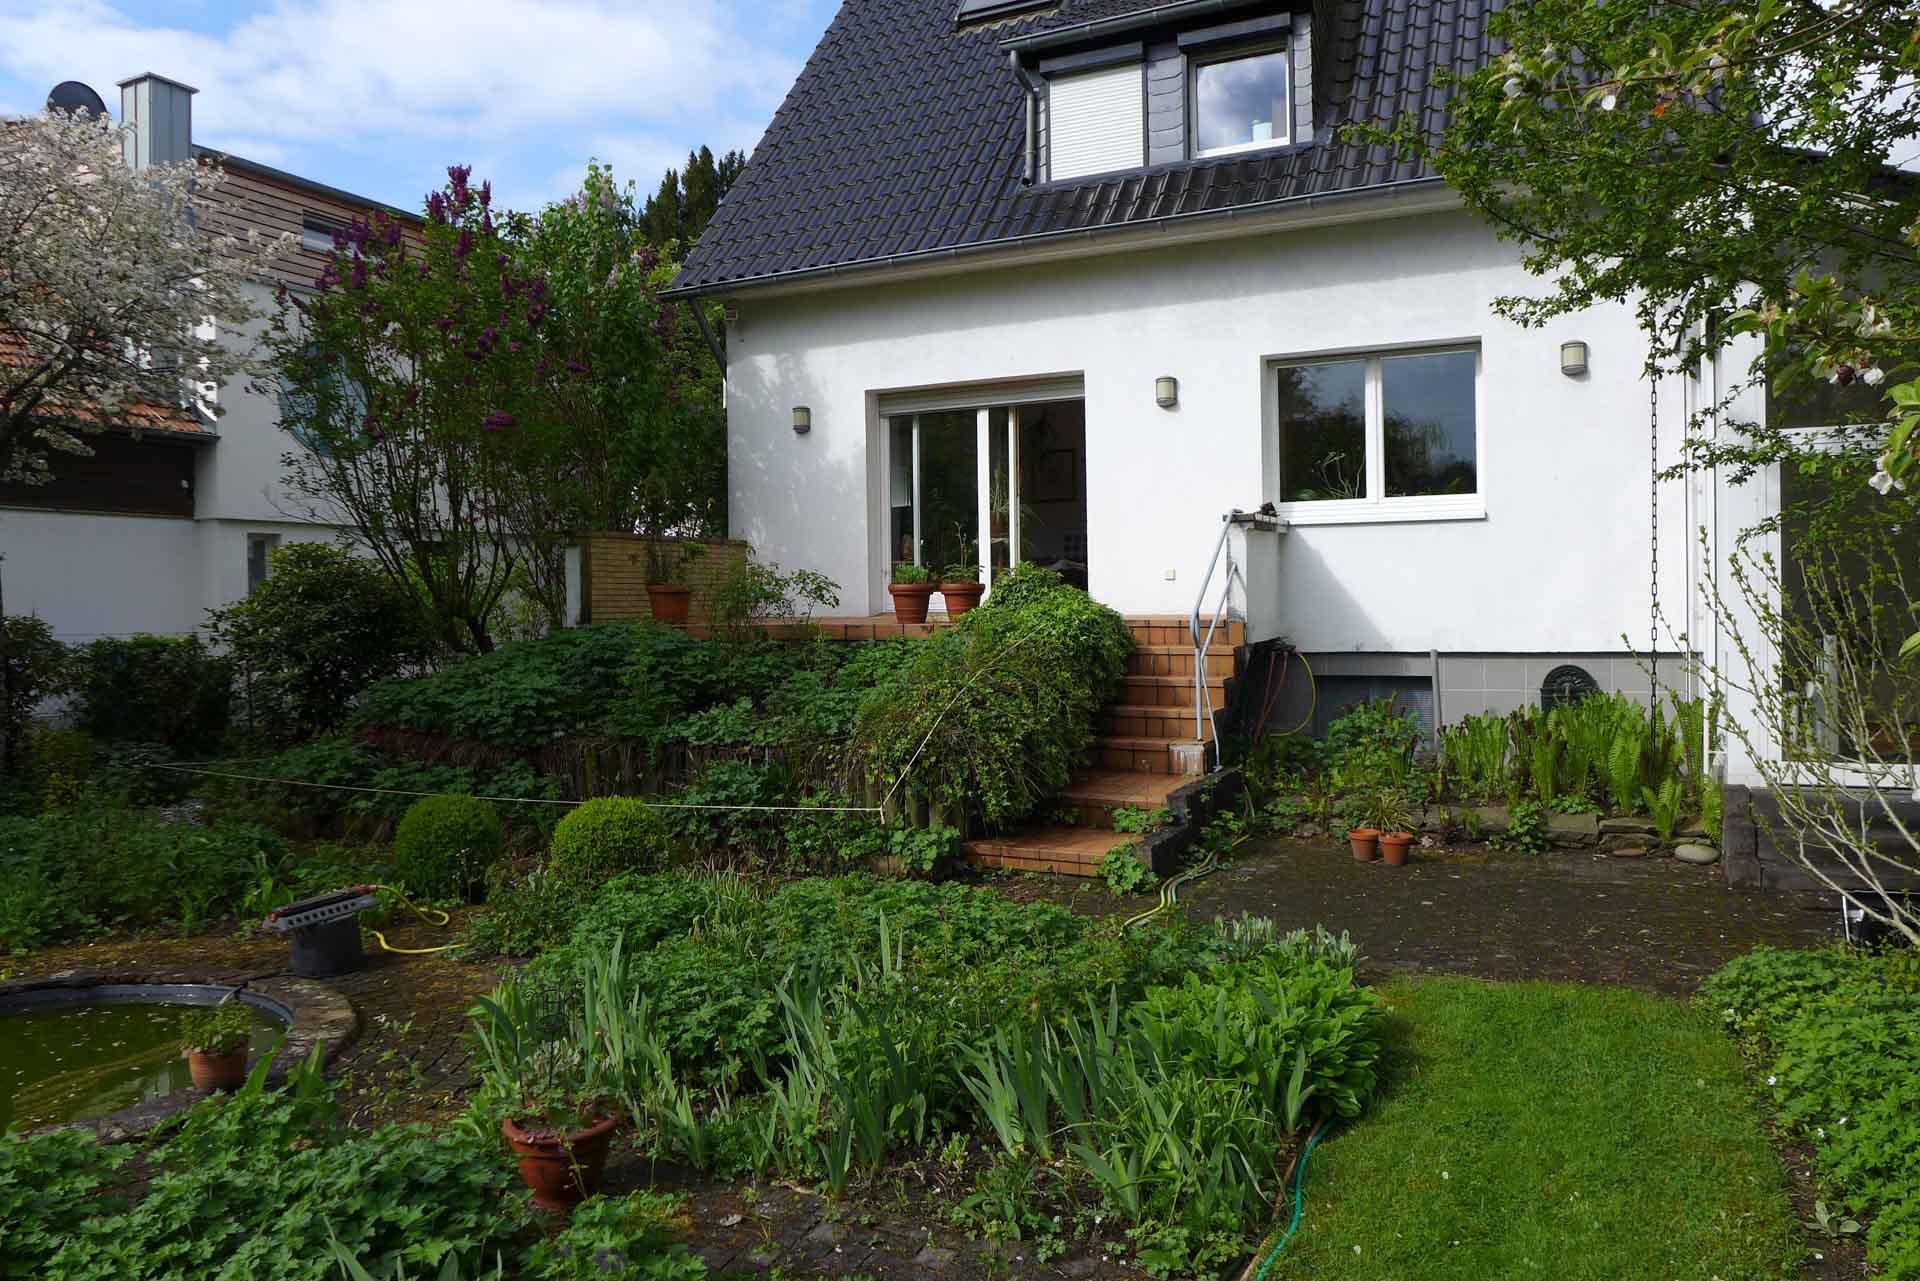 Wintergarten in Bergisch Gladbach (Objekt 1157). Die kleine Terrasse konnte ohne Wetterschutz oft nicht genutzt werden